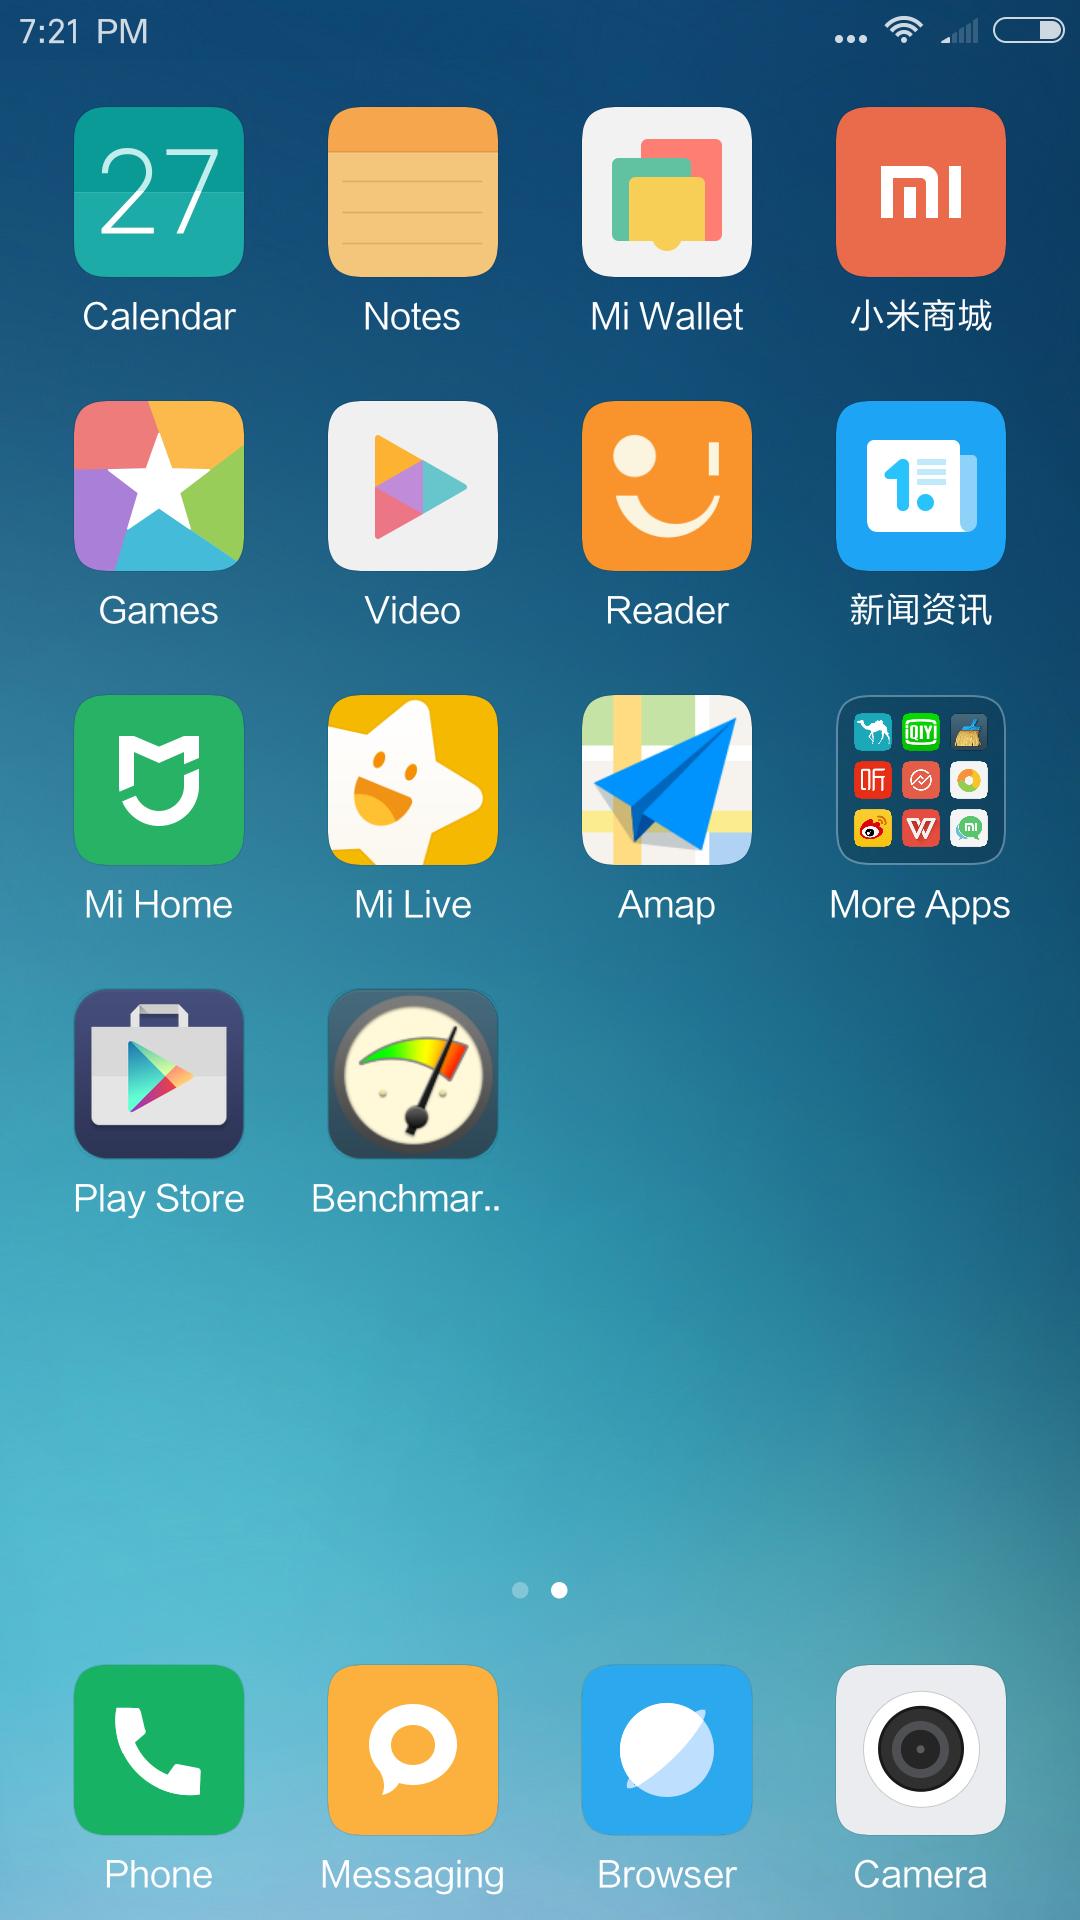 Xiaomi Redmi Note 4 Edición Internacional Analisis – Un potente dispositivo que supera los límite.png